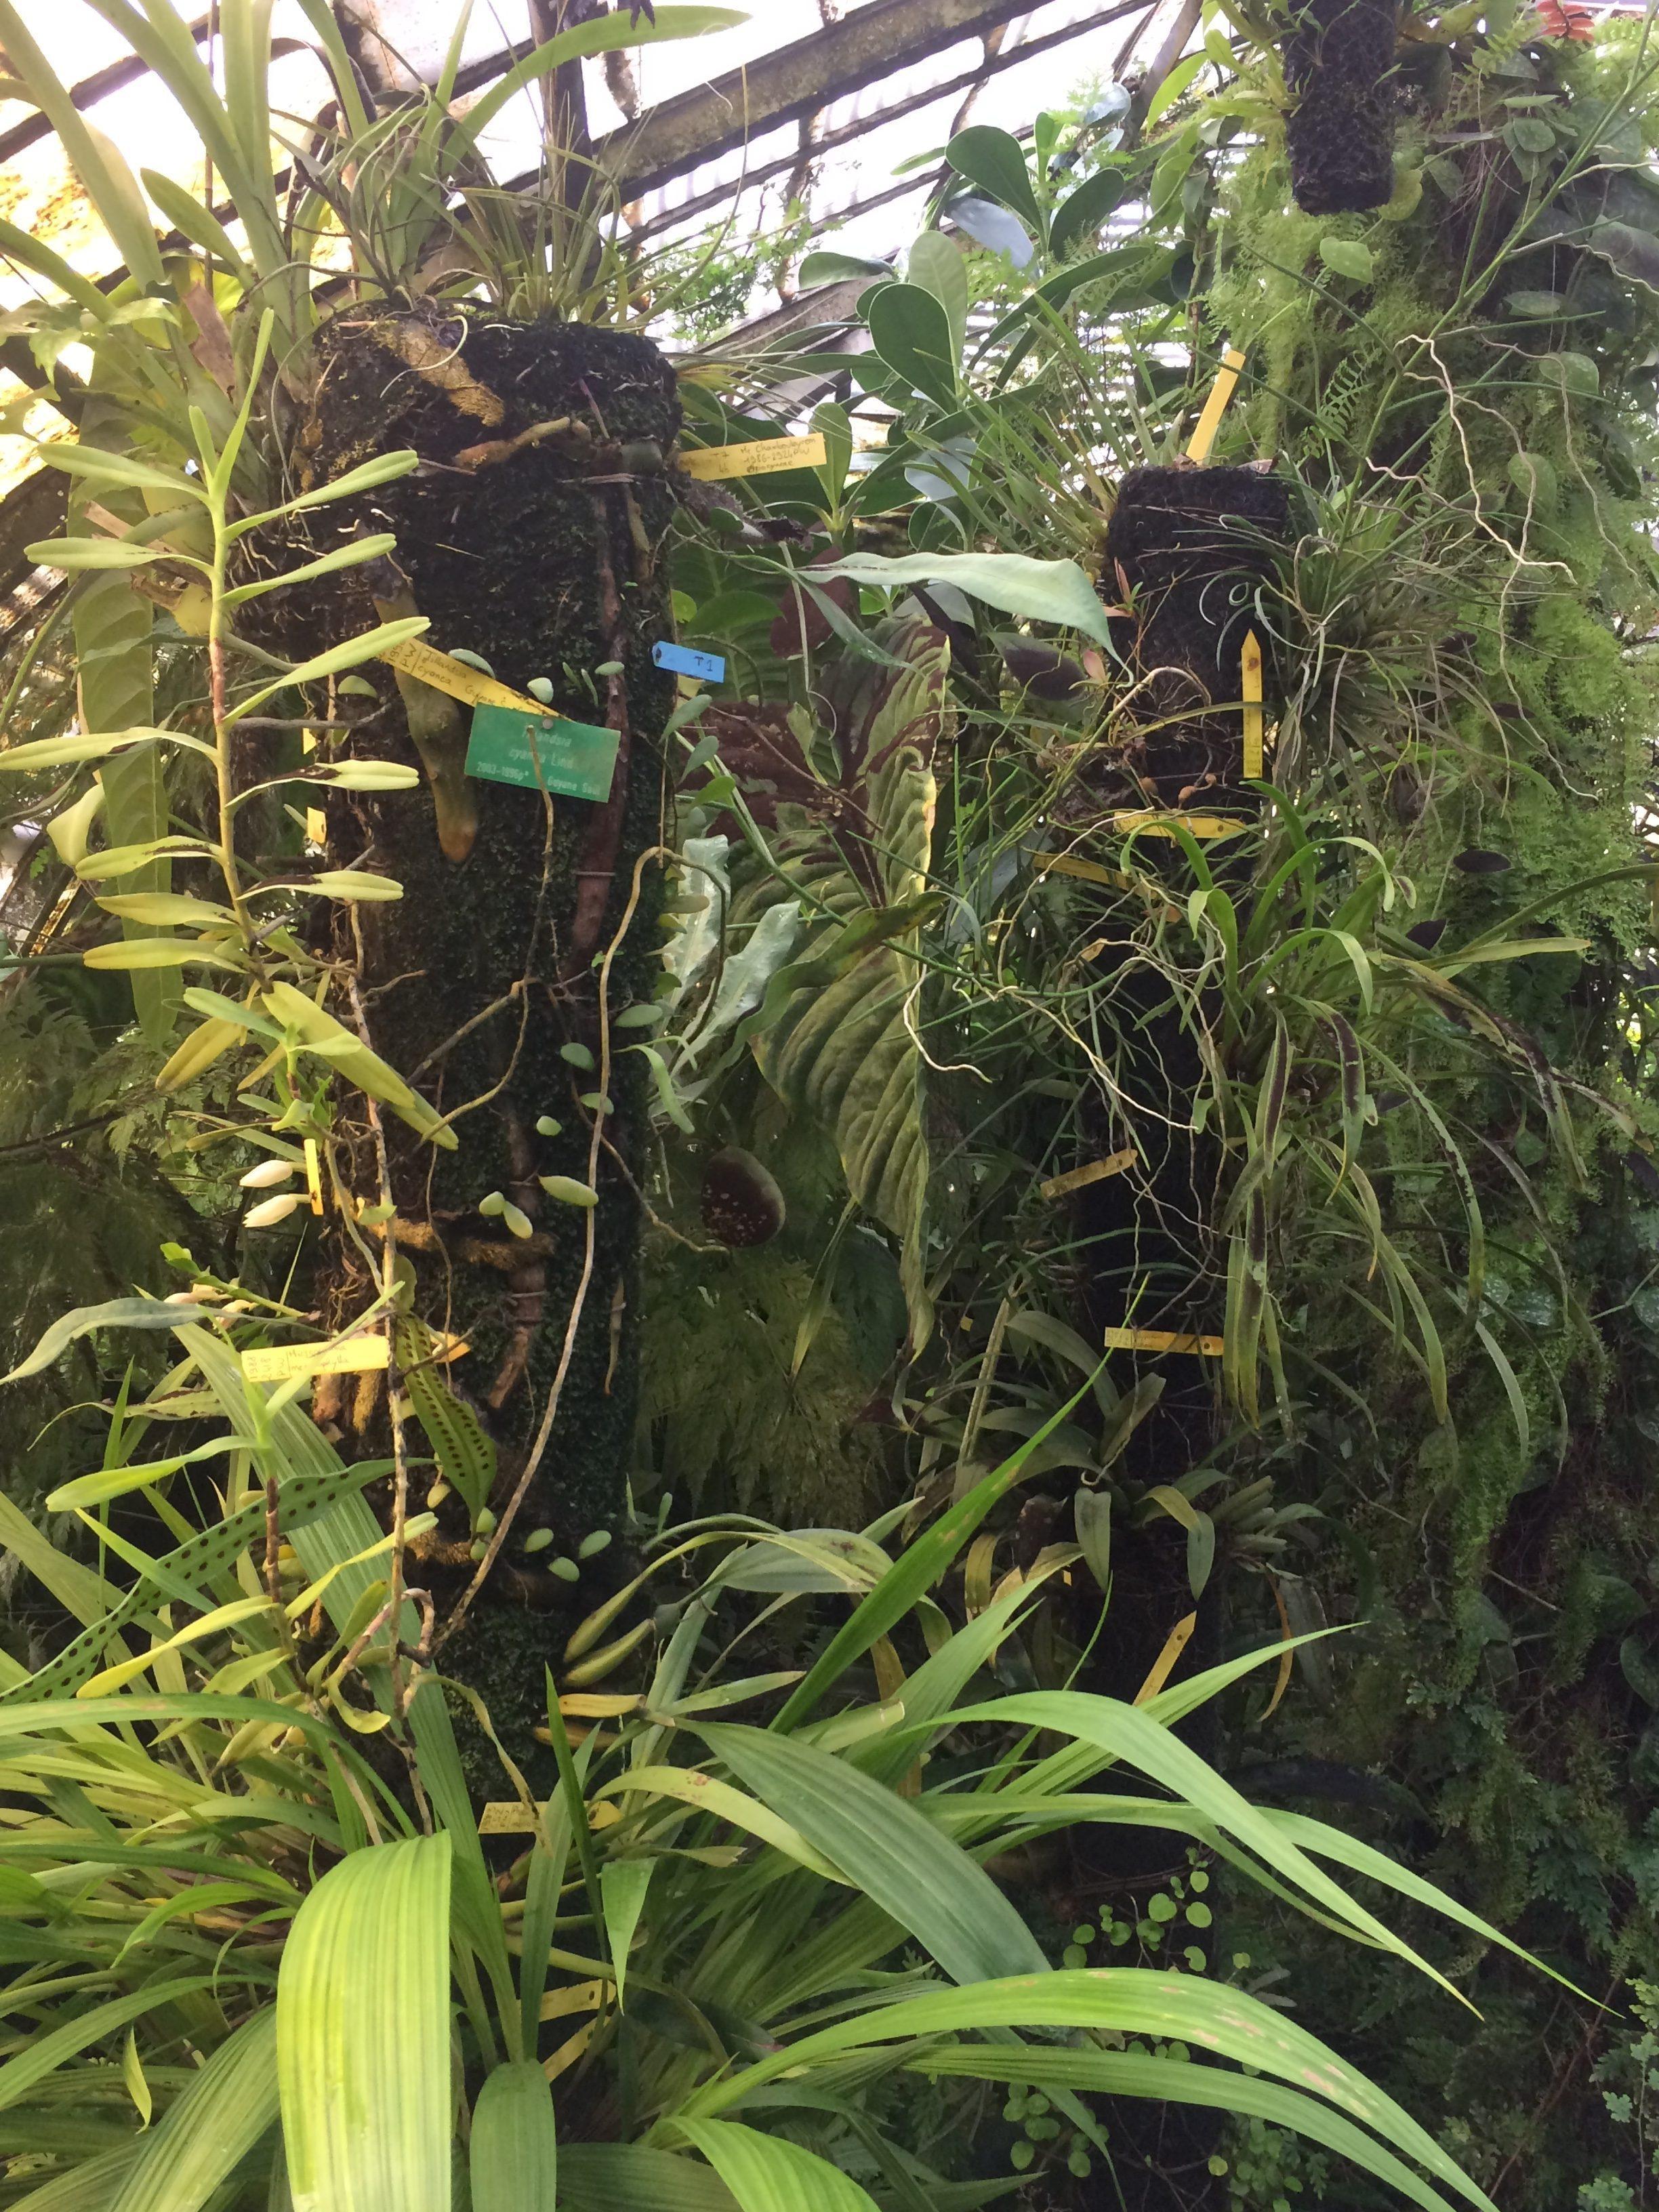 Sortie au jardin des plantes de Nantes (5ème) | Collège La Durantiere